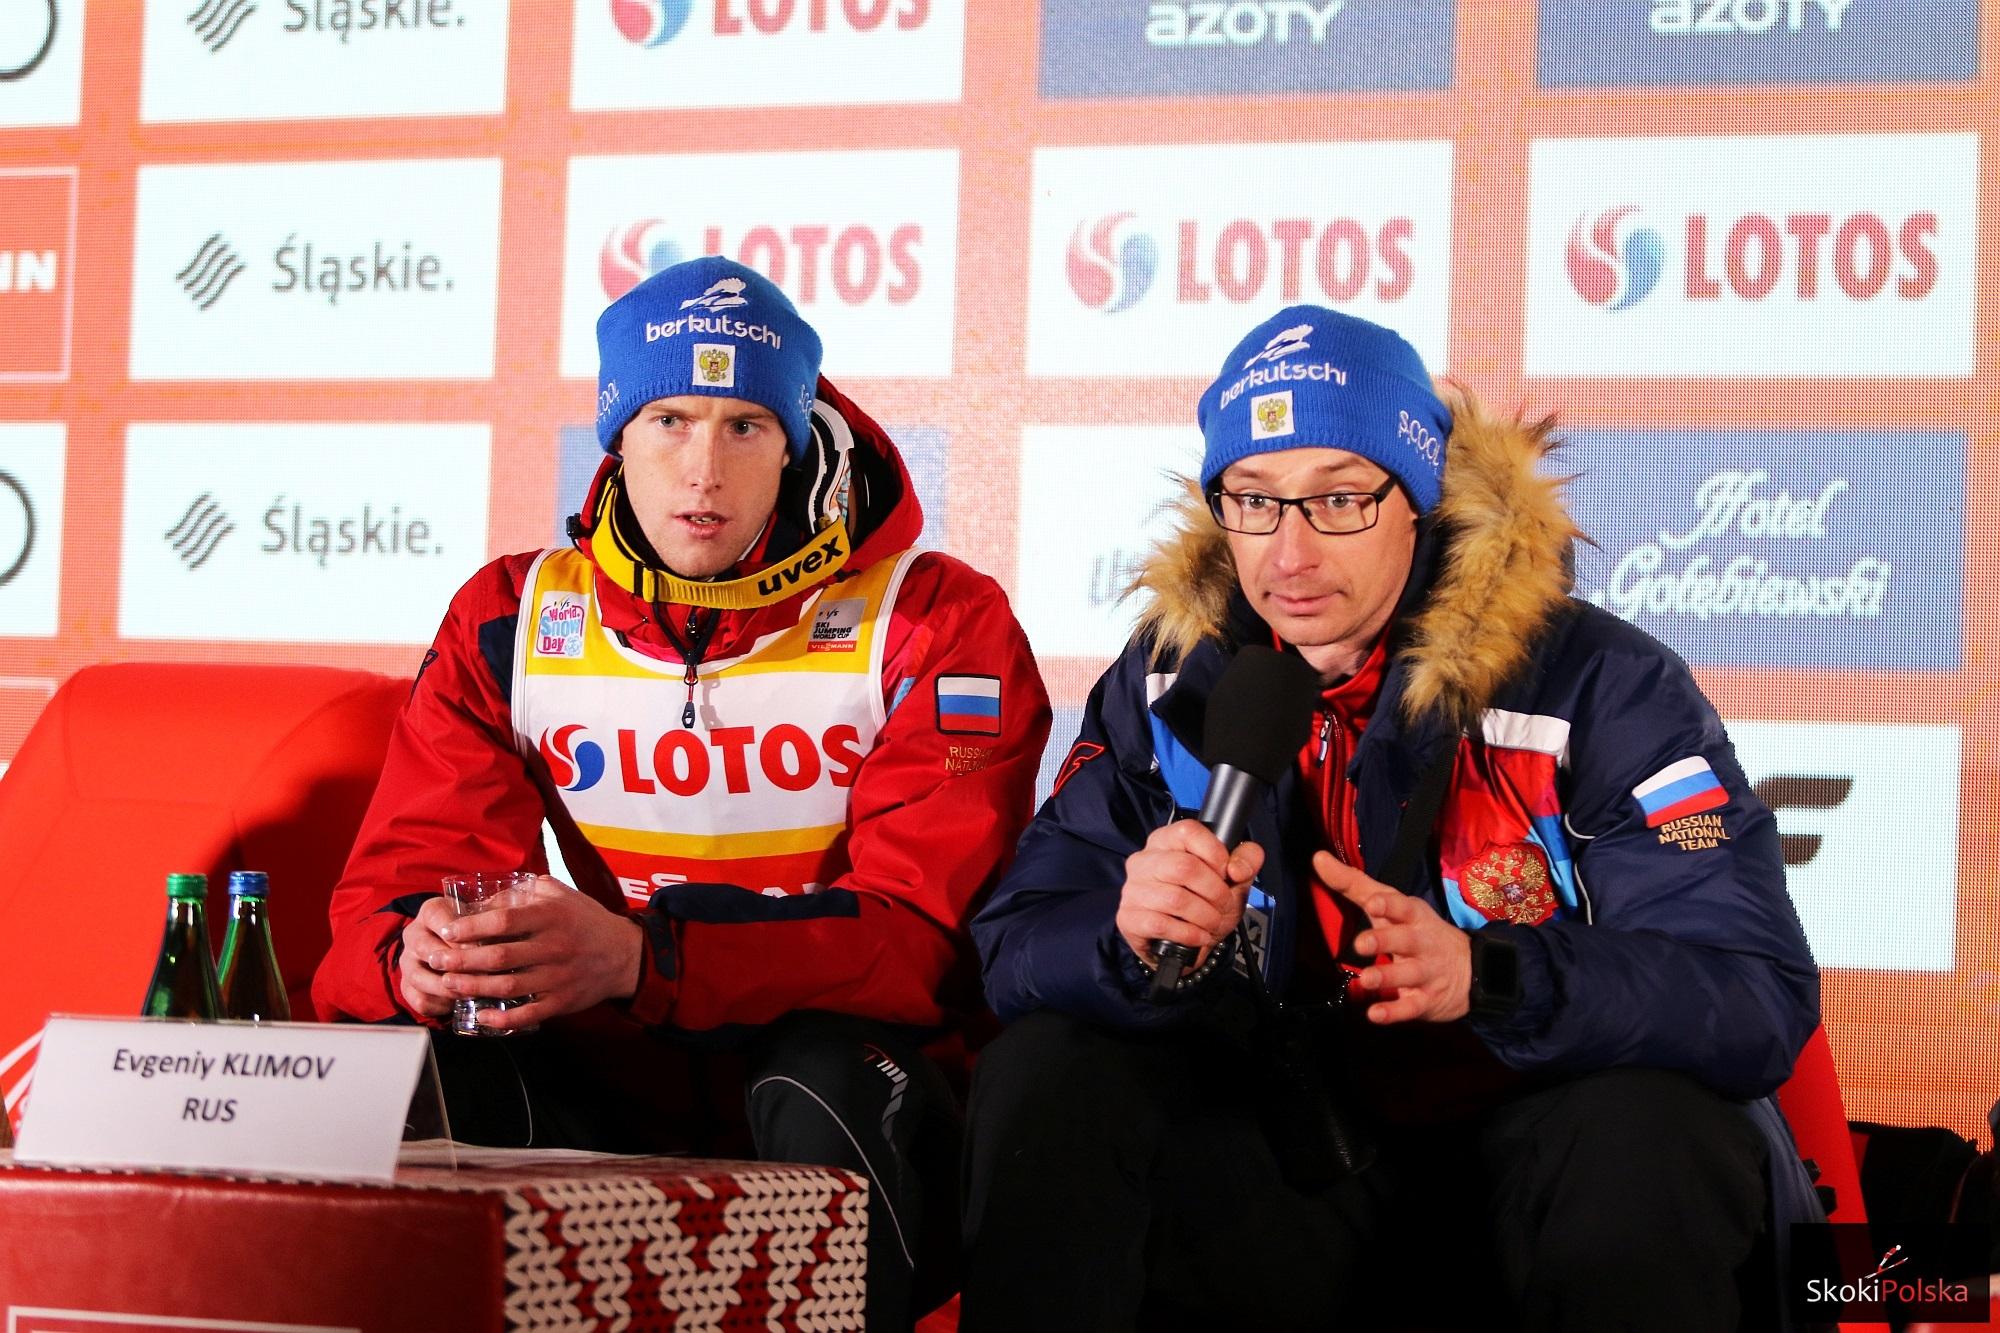 Evgeniy Klimov i Evgeniy Plekhov (fot. Julia Piątkowska)